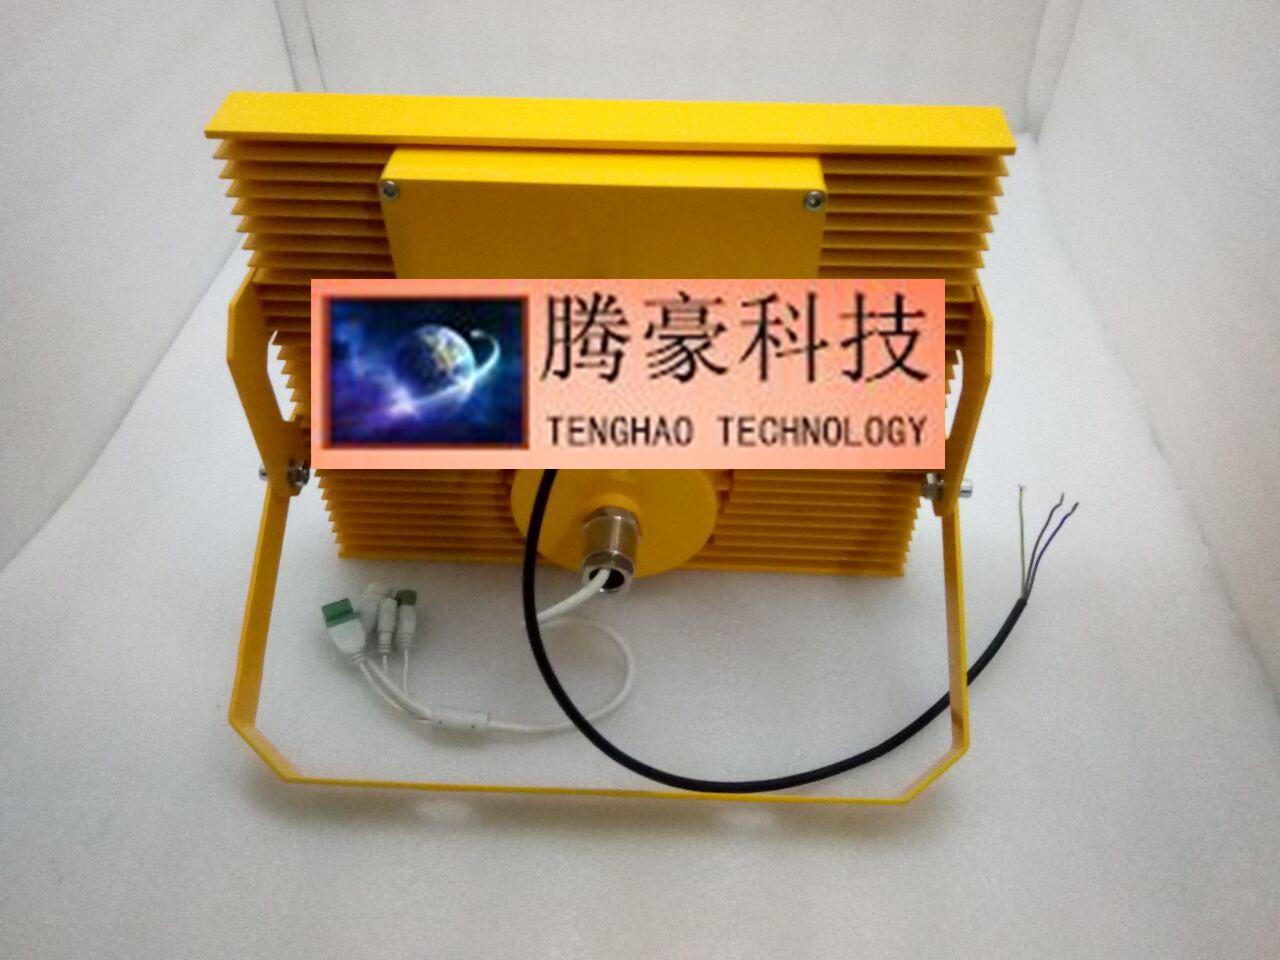 台州市|医药|防爆灭蚊灯管|新款